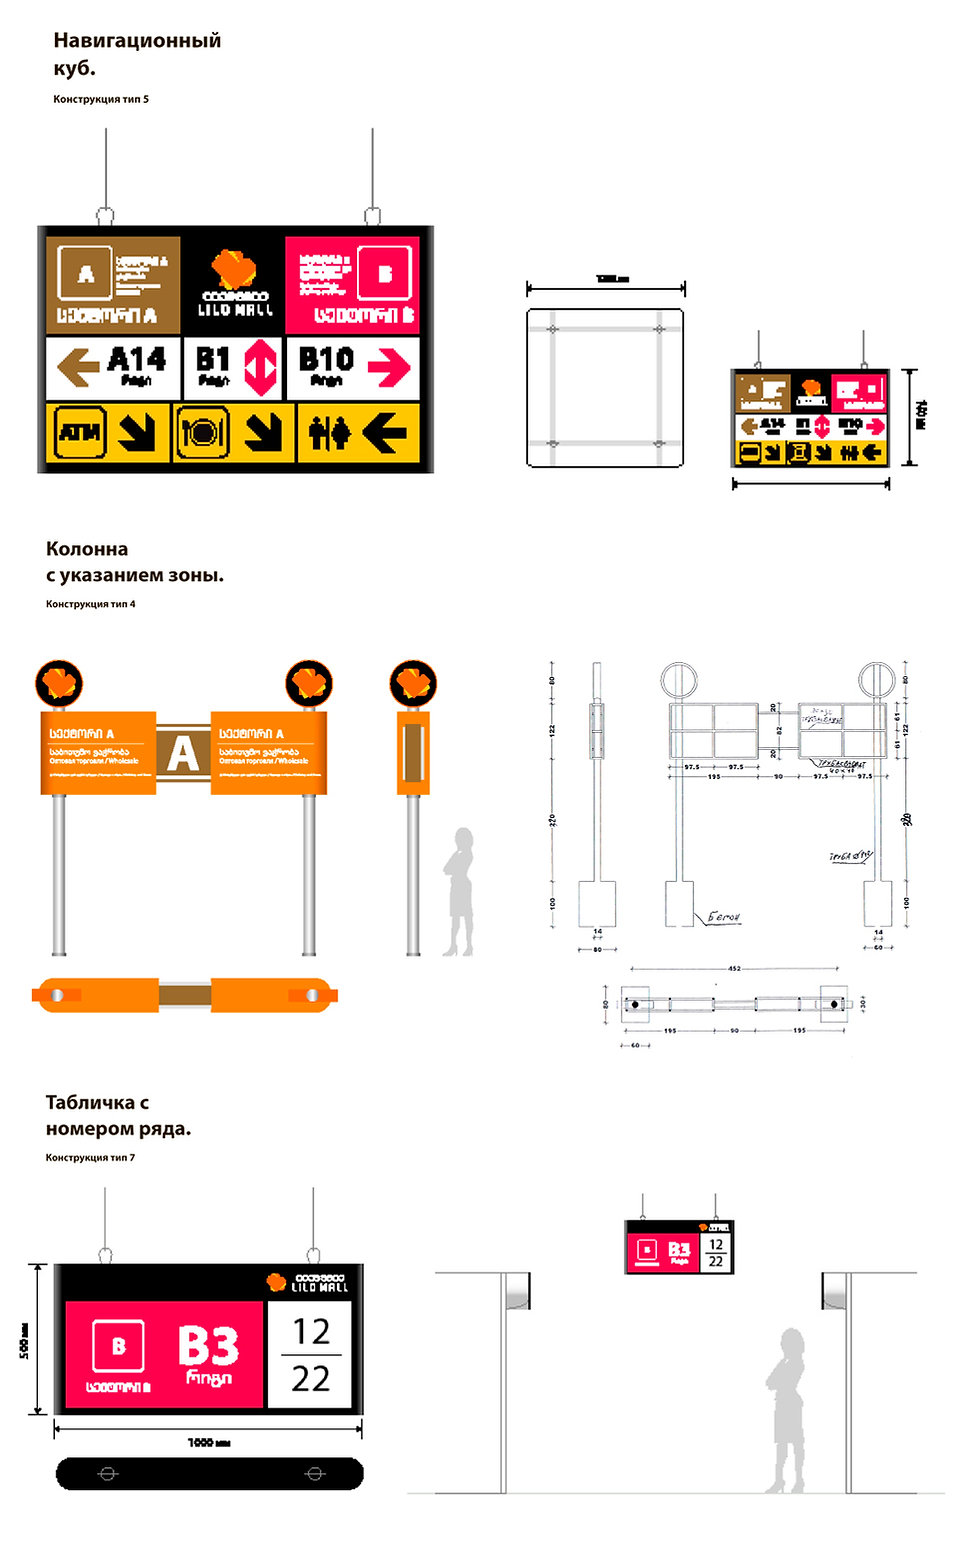 разработка навигации lilo mall